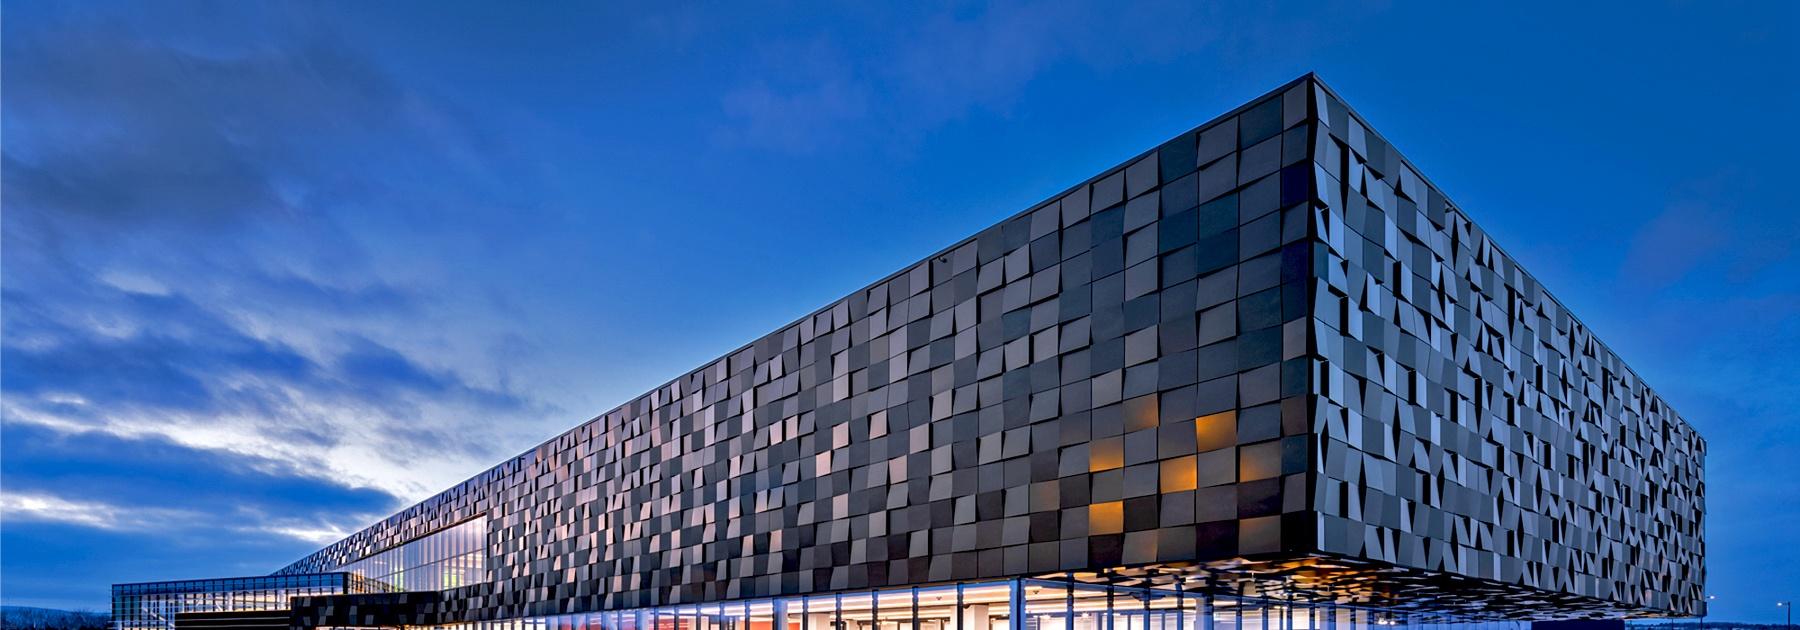 Dri-Design facader